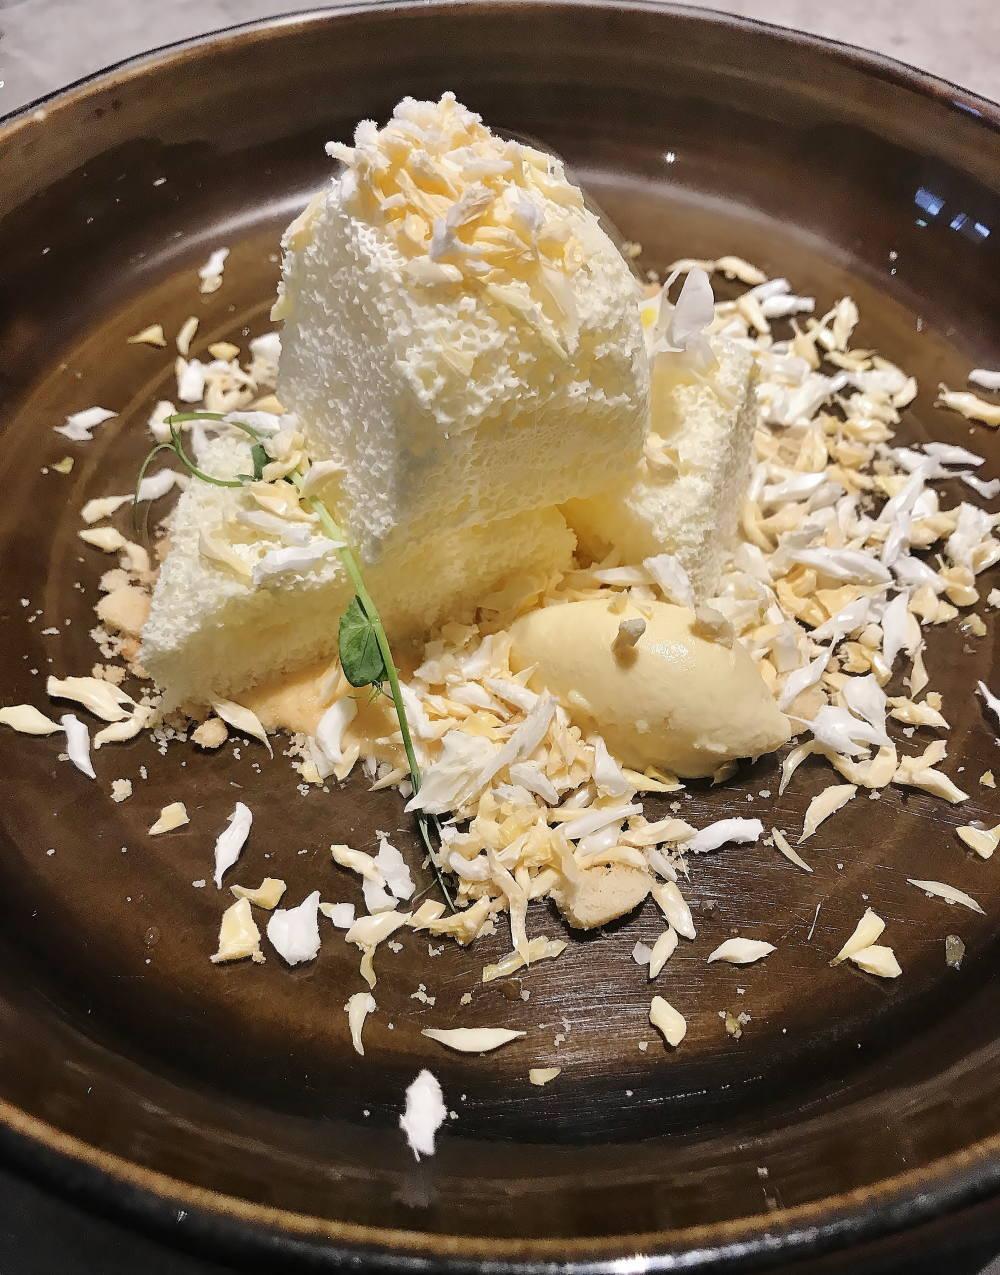 エアロチーズケーキ(ジェニスウォンアシェットデセール)